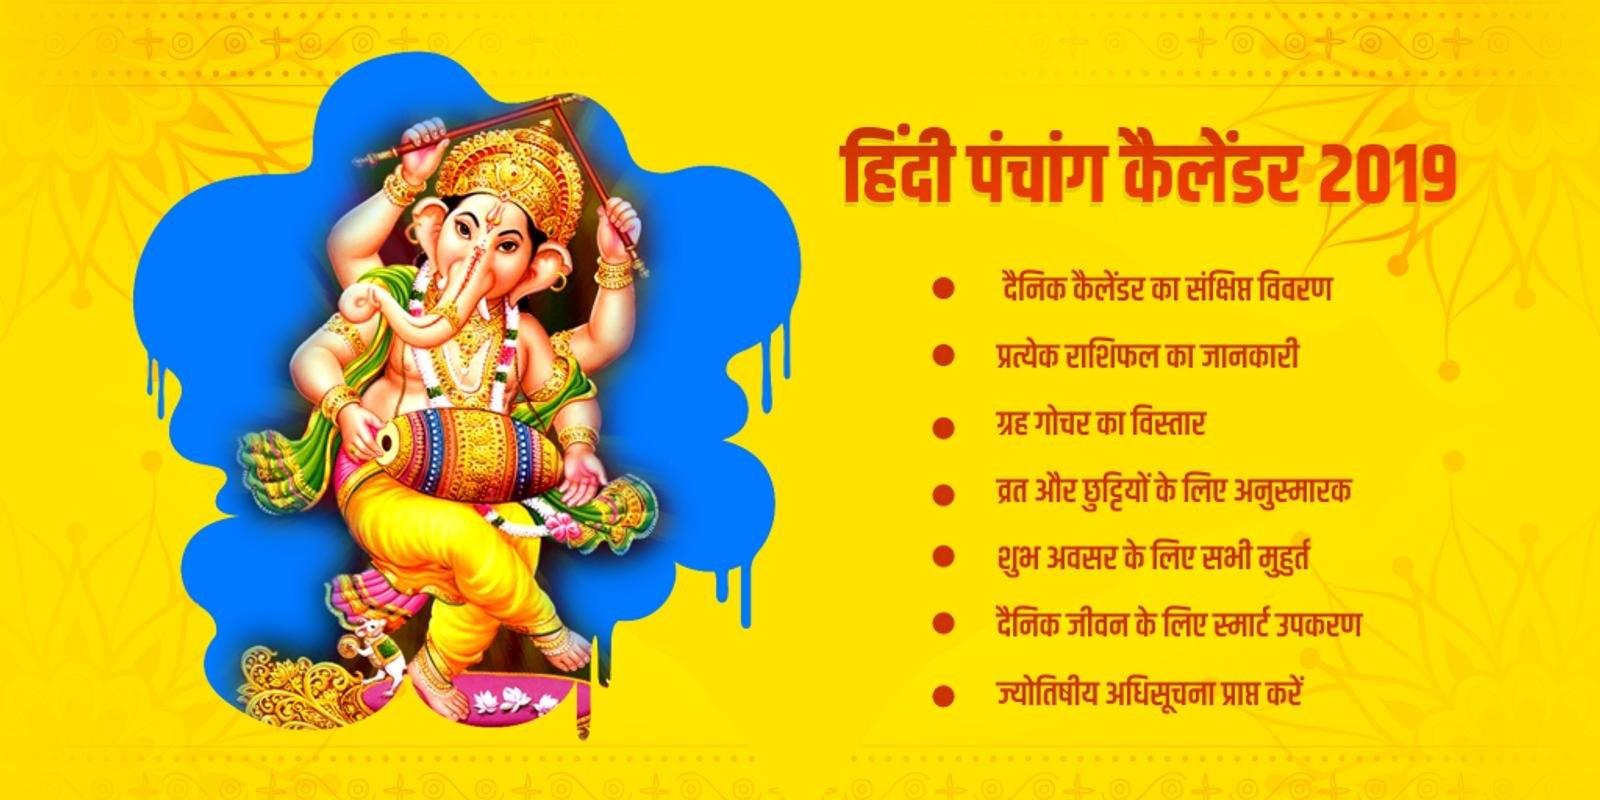 Hindi Calendar For Android - Apk Download Calendar 2019 Ramnarayan Panchang Pdf